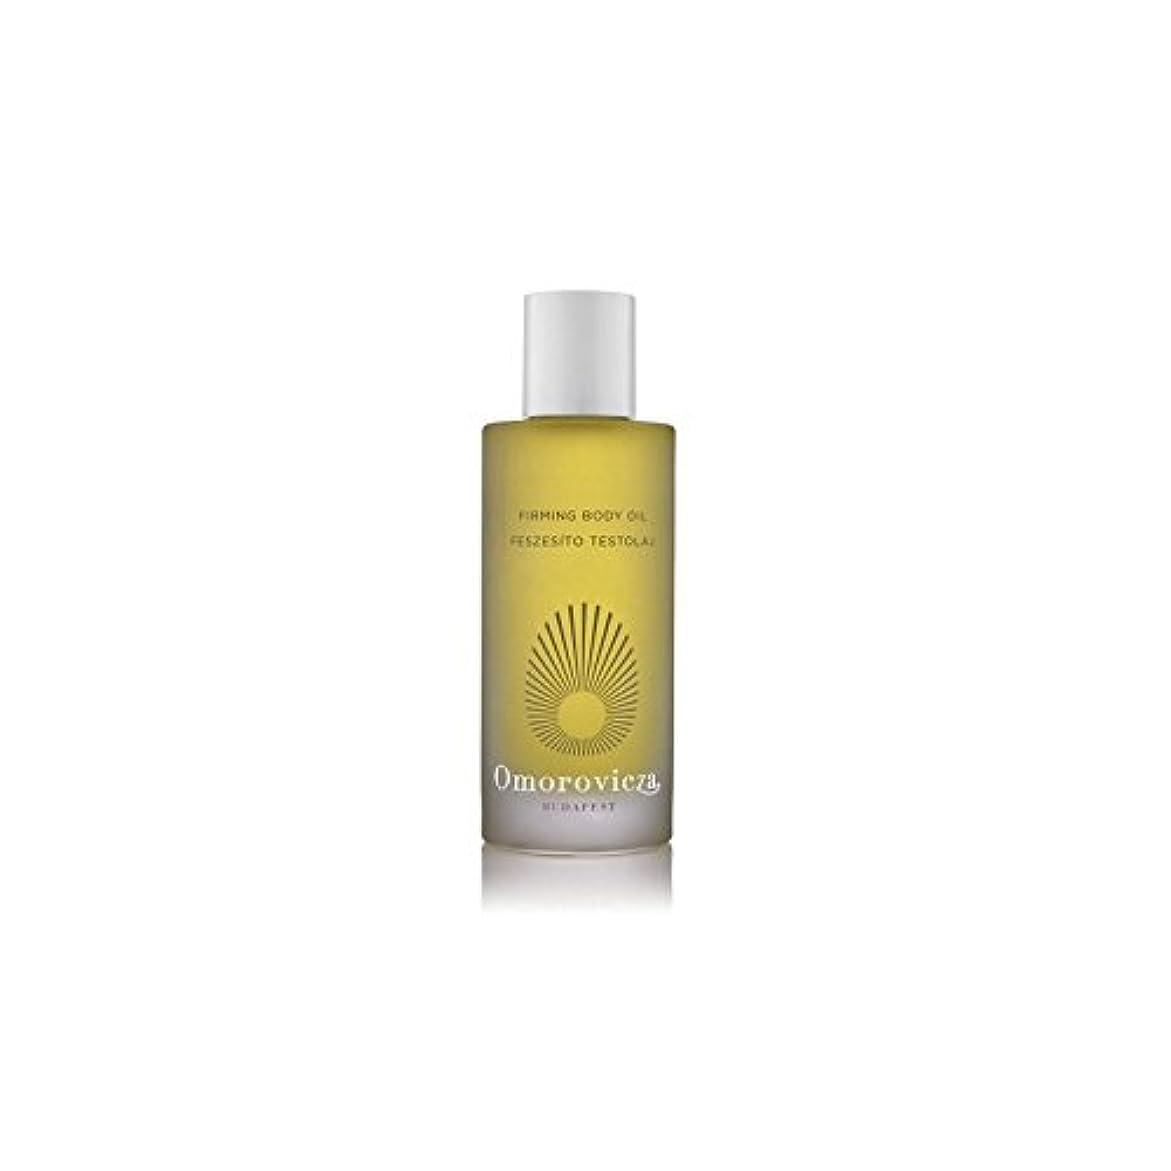 引き締めボディオイル(100ミリリットル) x4 - Omorovicza Firming Body Oil (100ml) (Pack of 4) [並行輸入品]